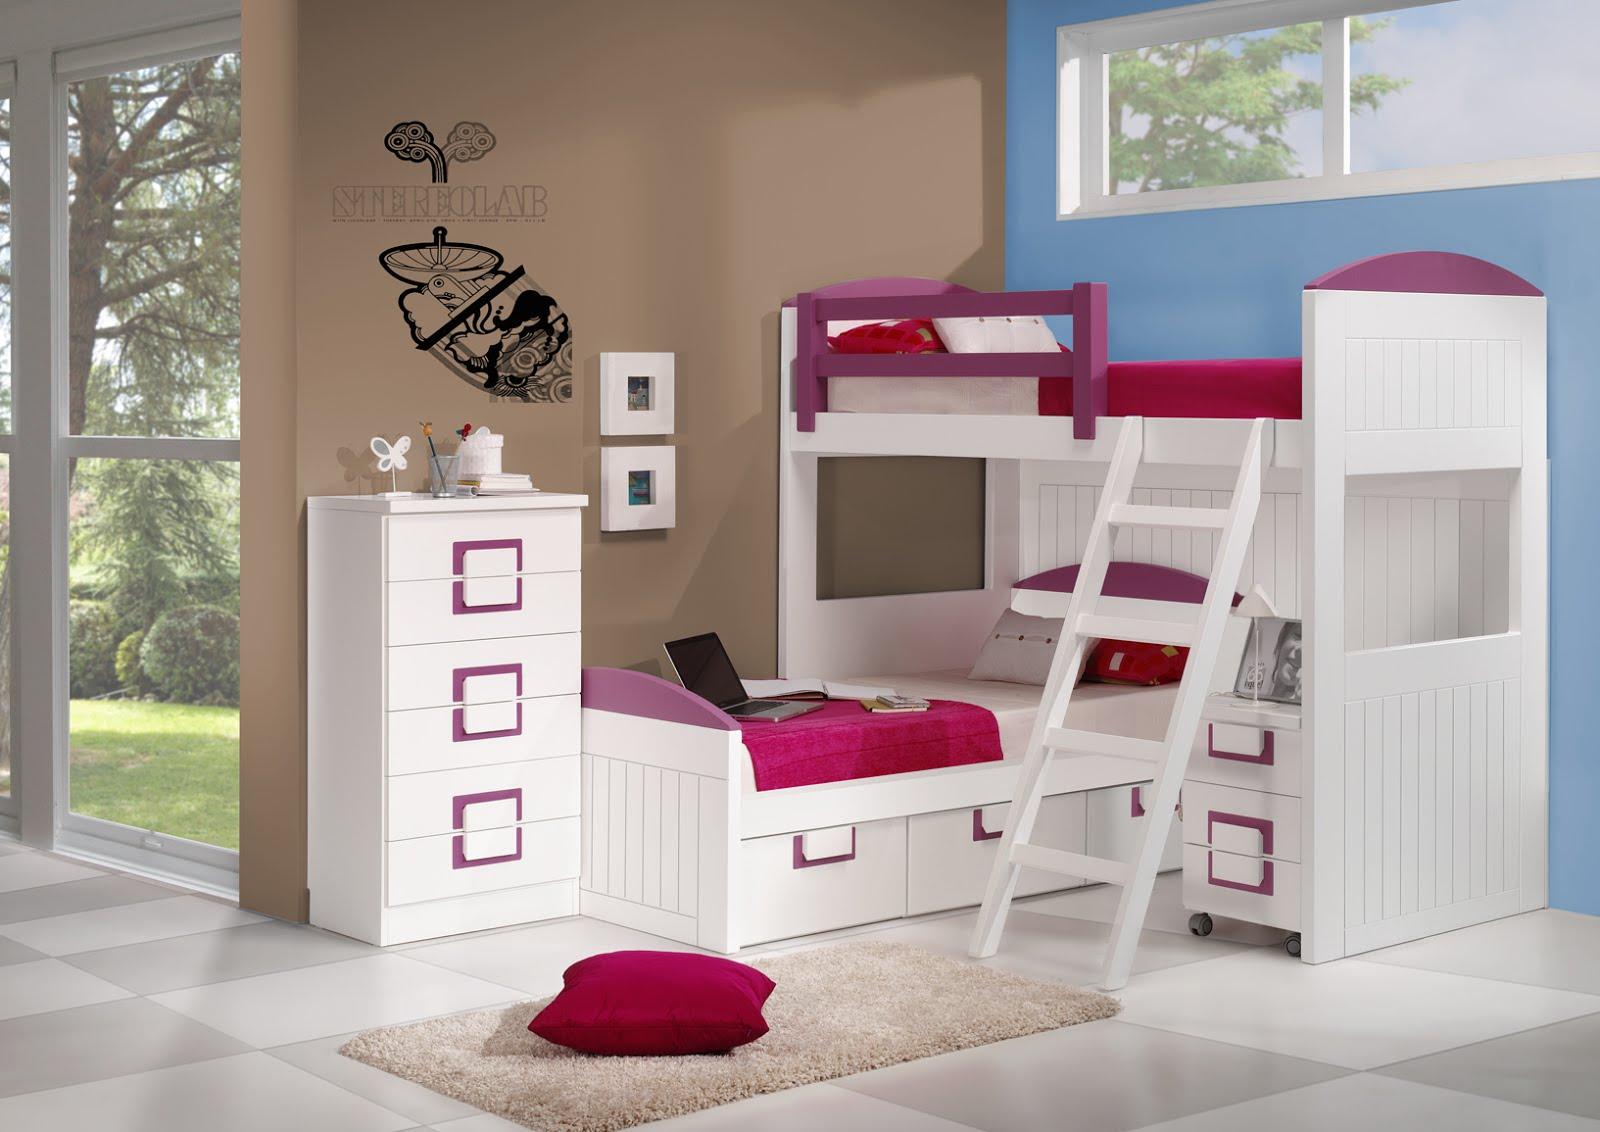 Dormitorio juvenil con literas cruzadas blancas con 2 camas y 3 cajones mesilla con 3 cajones y - Dormitorios infantiles dobles ...